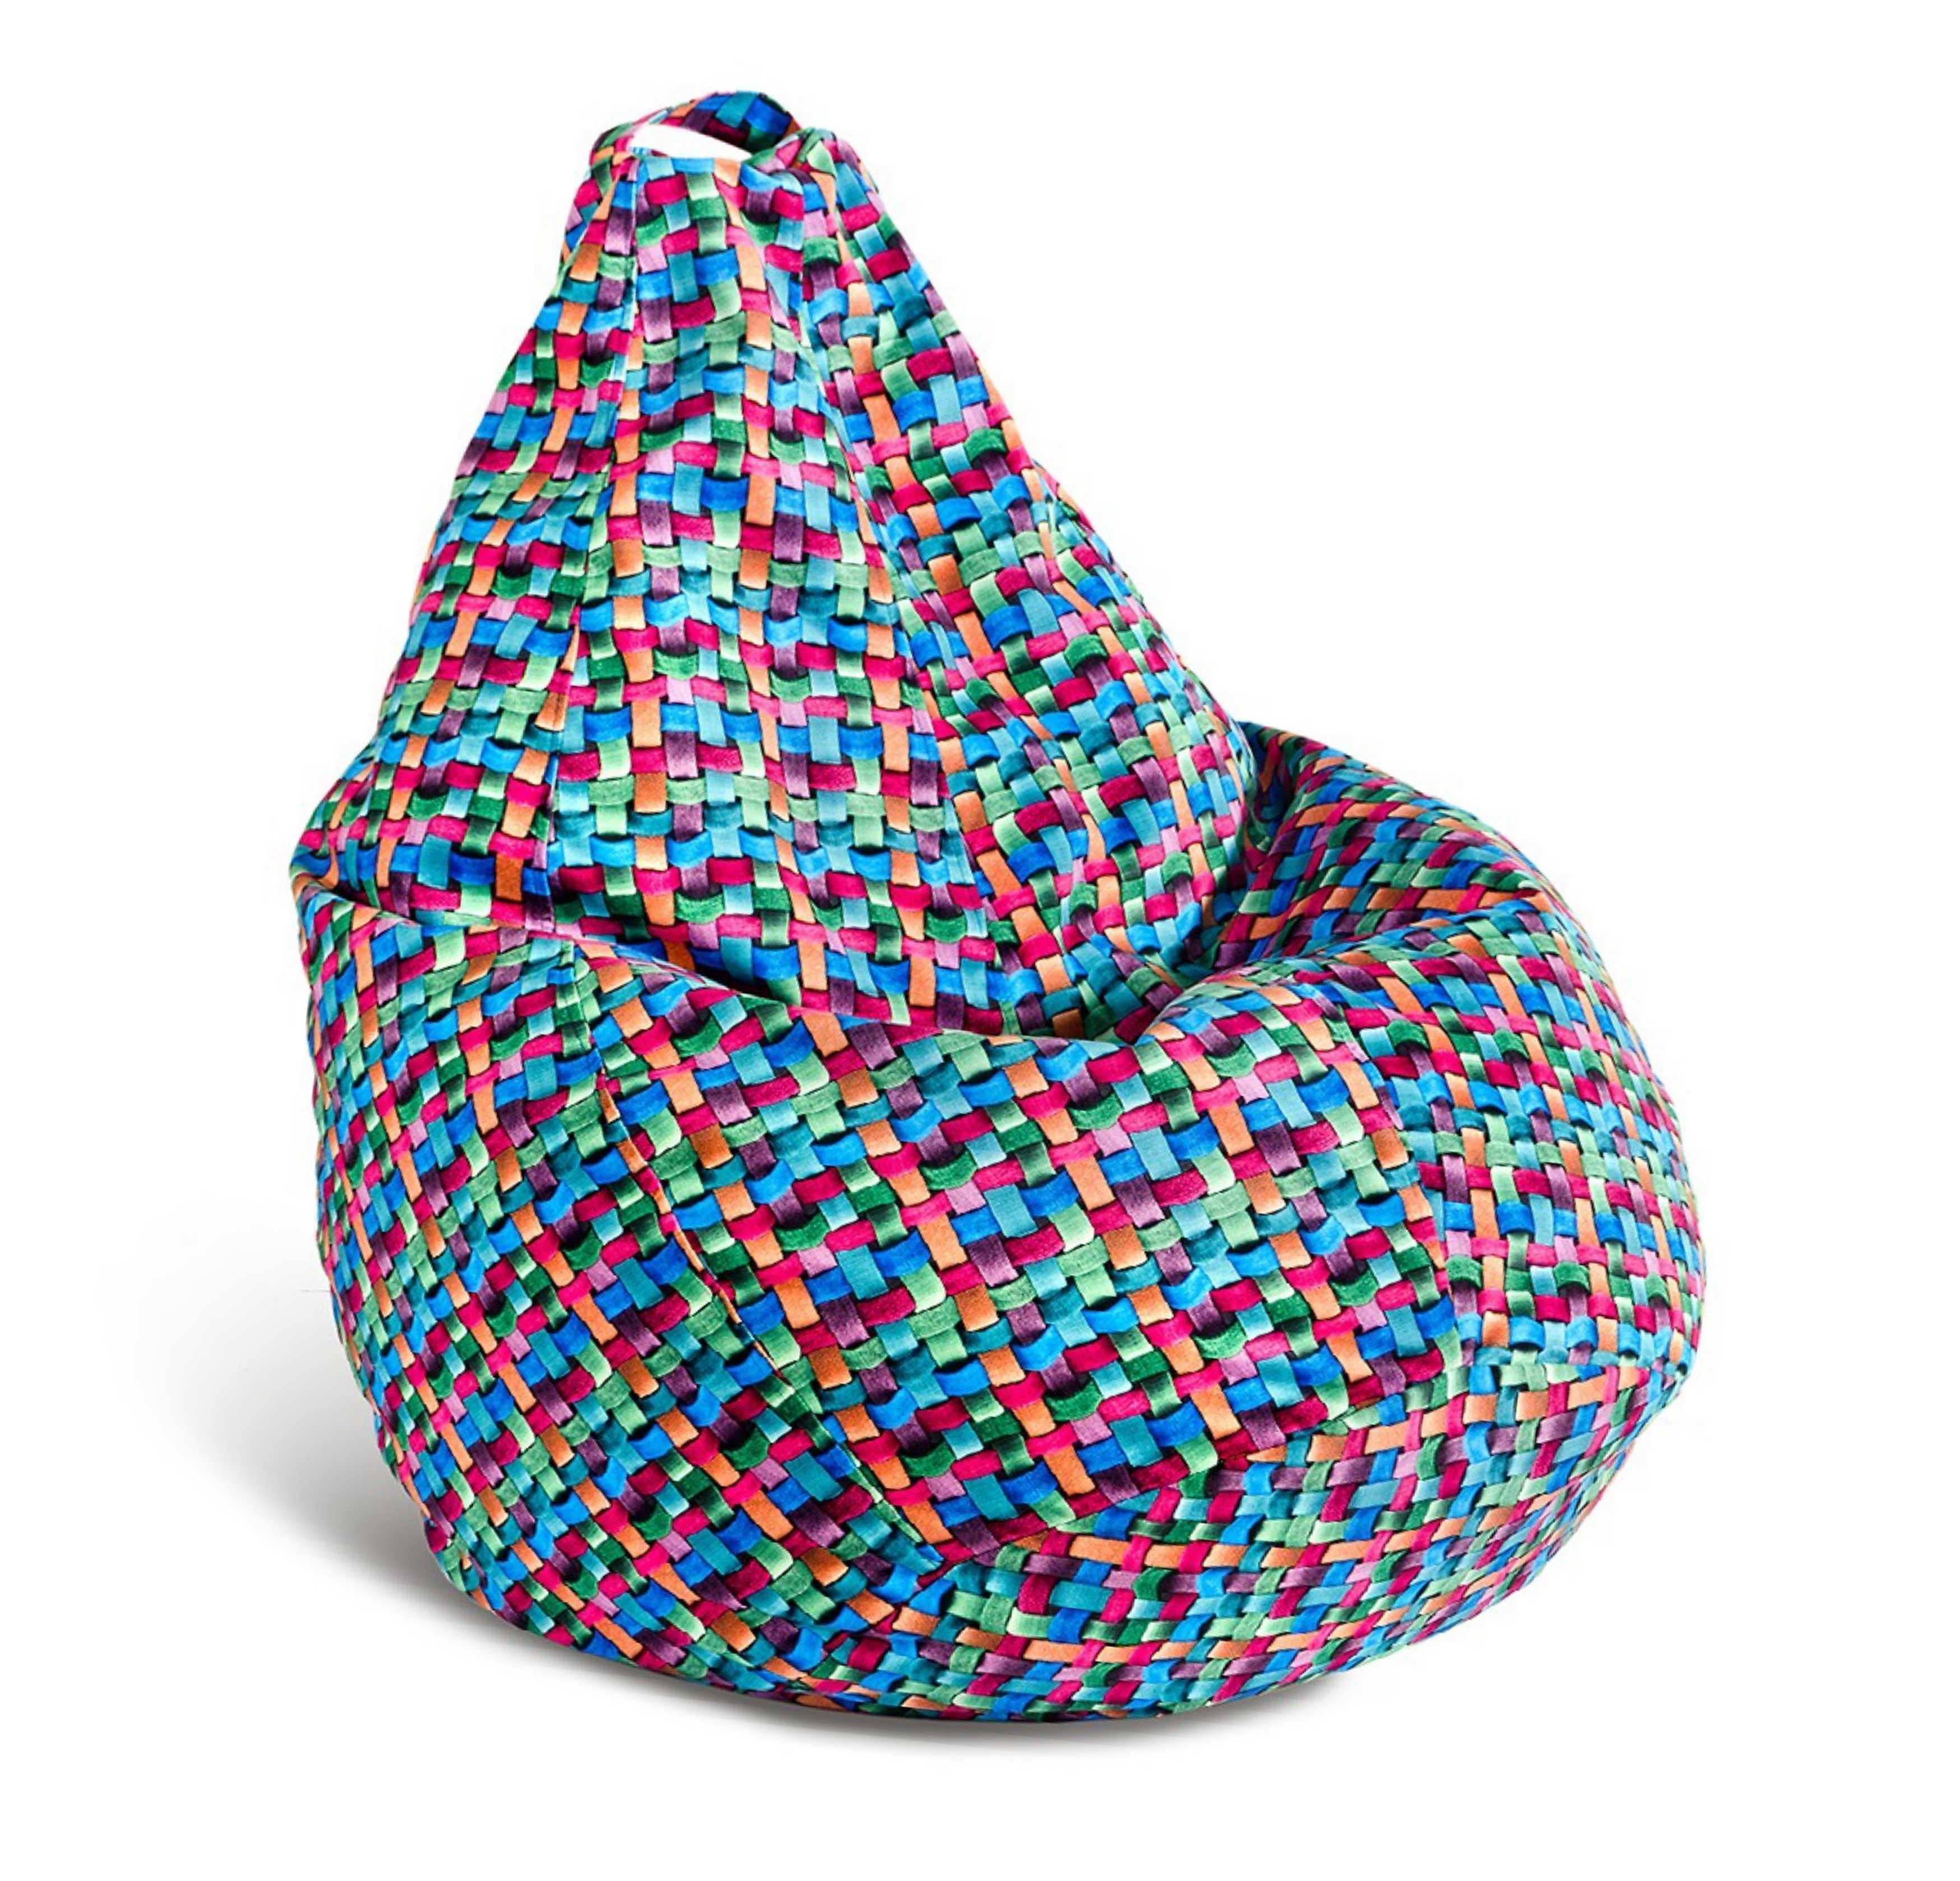 Кресло-мешок 3D приобрести в Томске